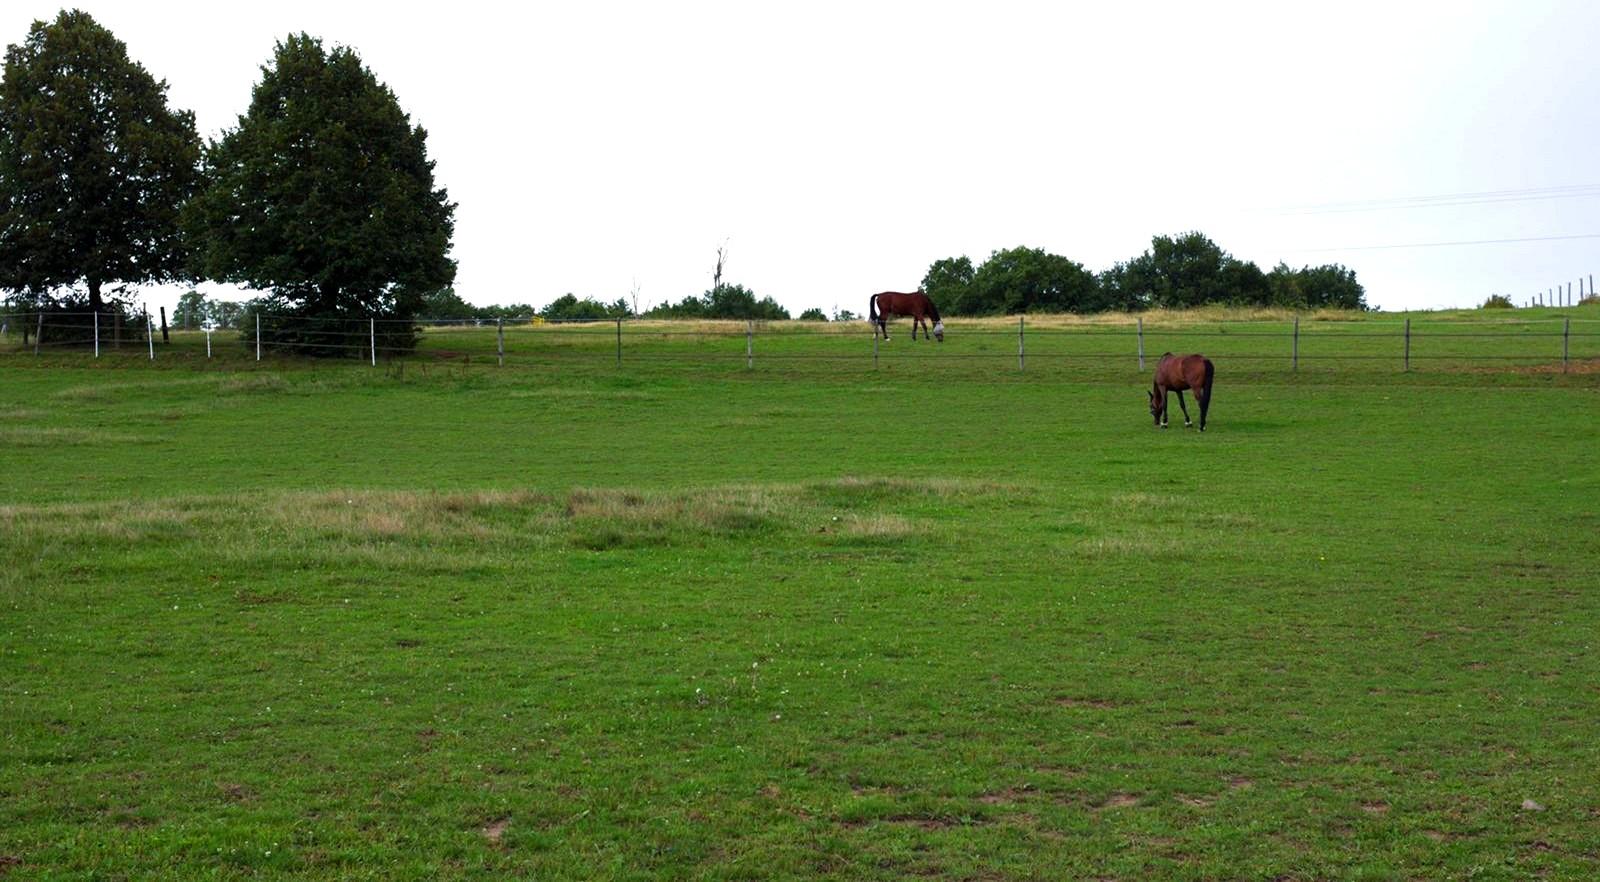 Ecurie-raphael-cochet-concours-complet-equitation-la-louviere-installations-paddock